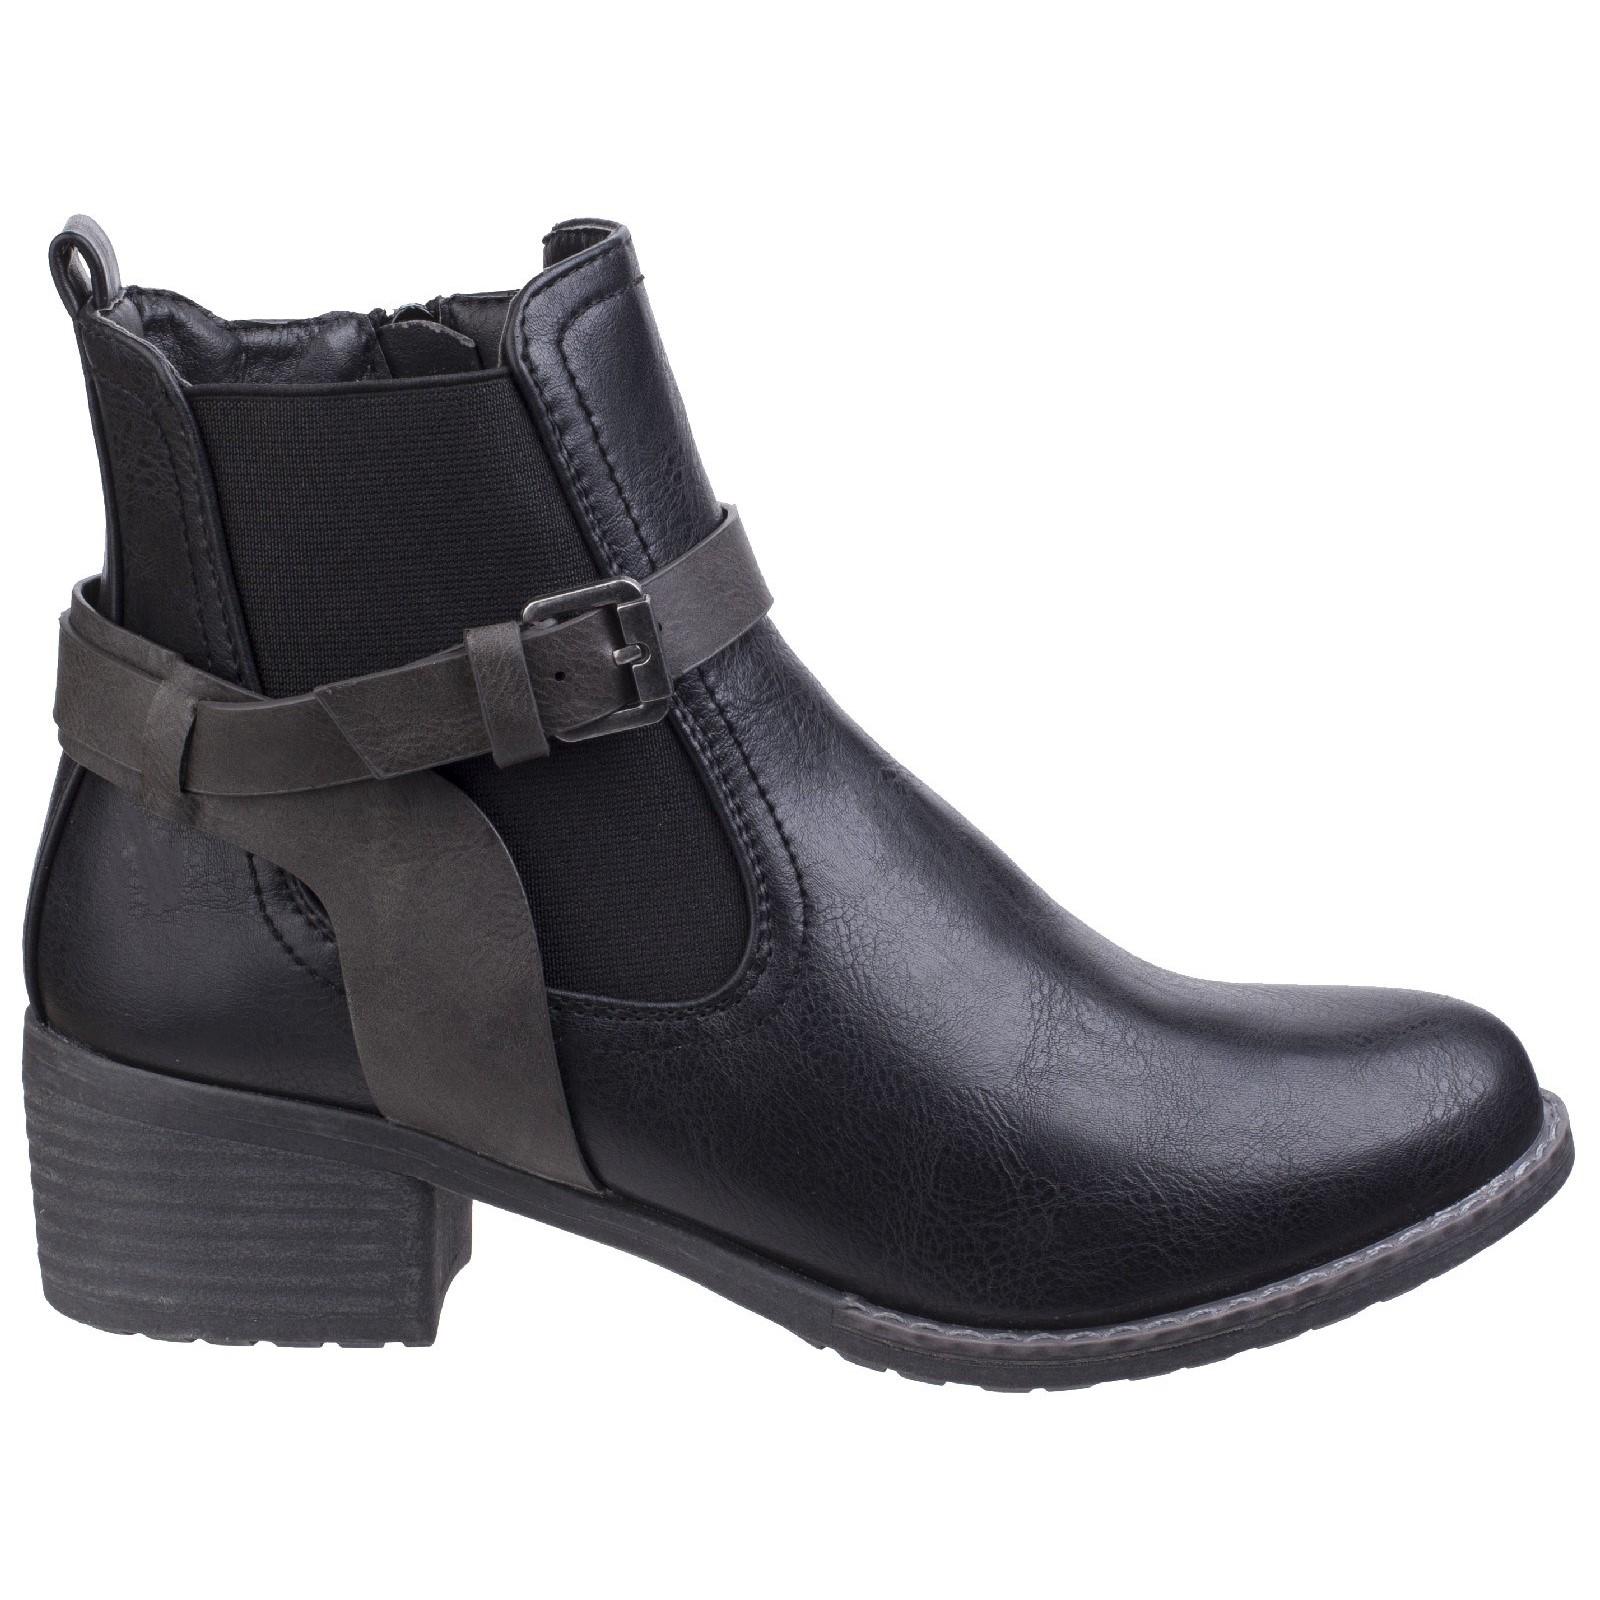 Divaz Femmes Ivana Ladies Block Heel Bottes Bottines Cheville Chaussures